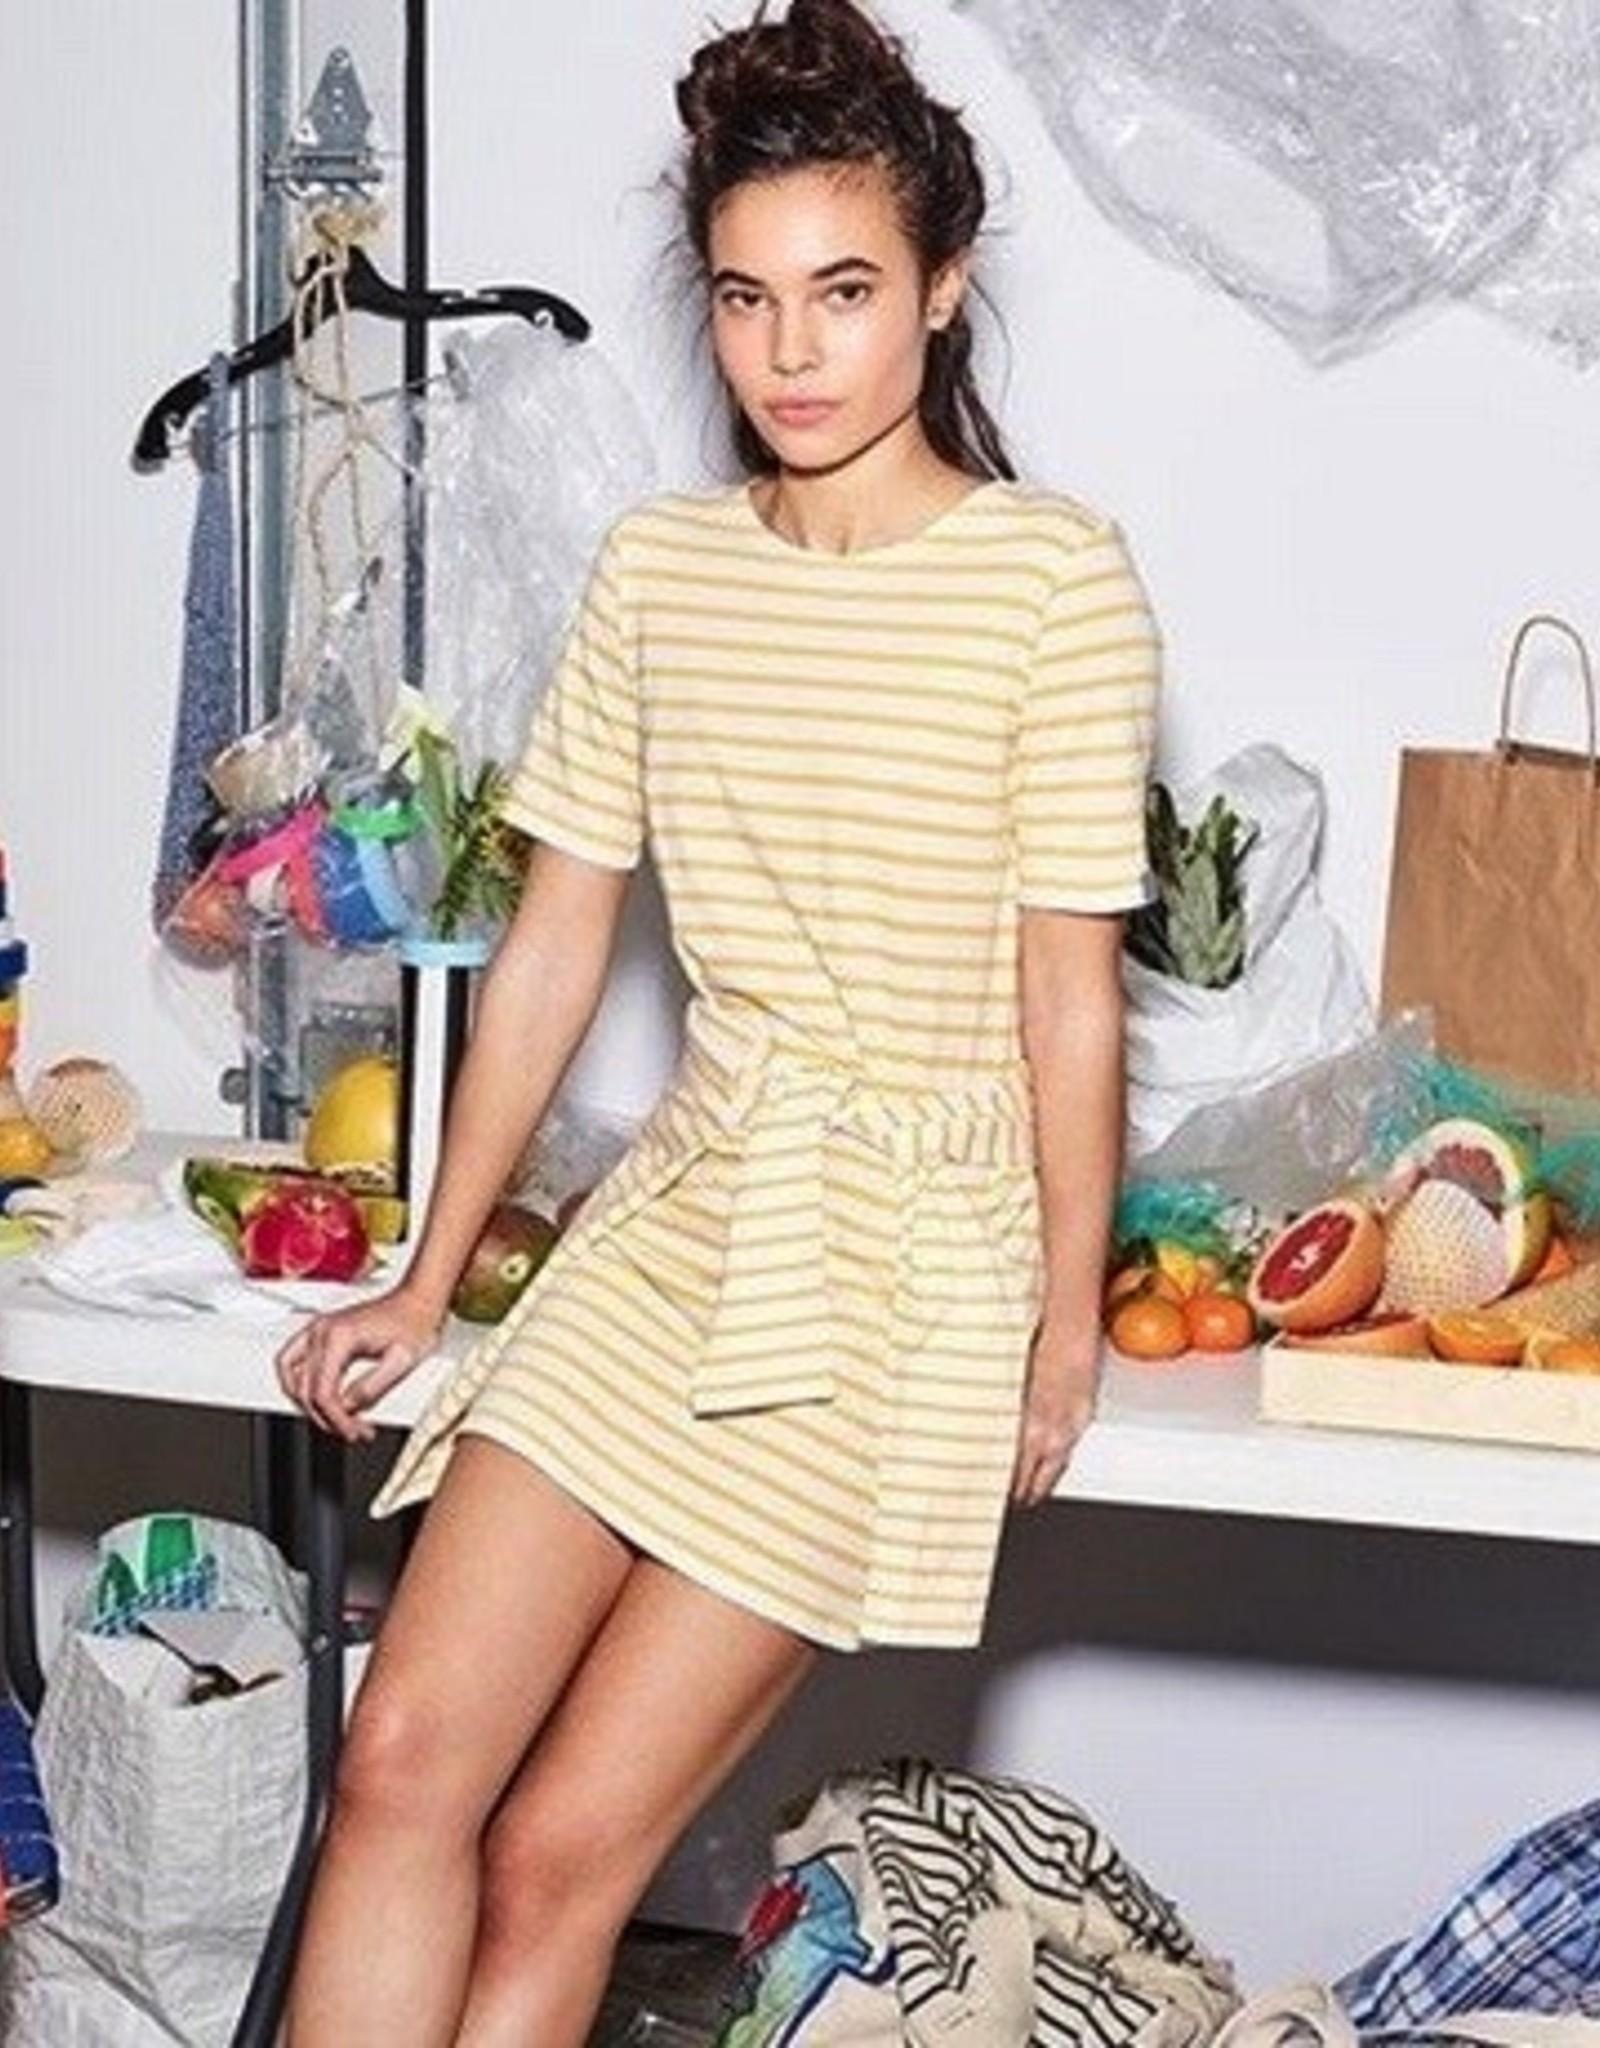 The tee dress